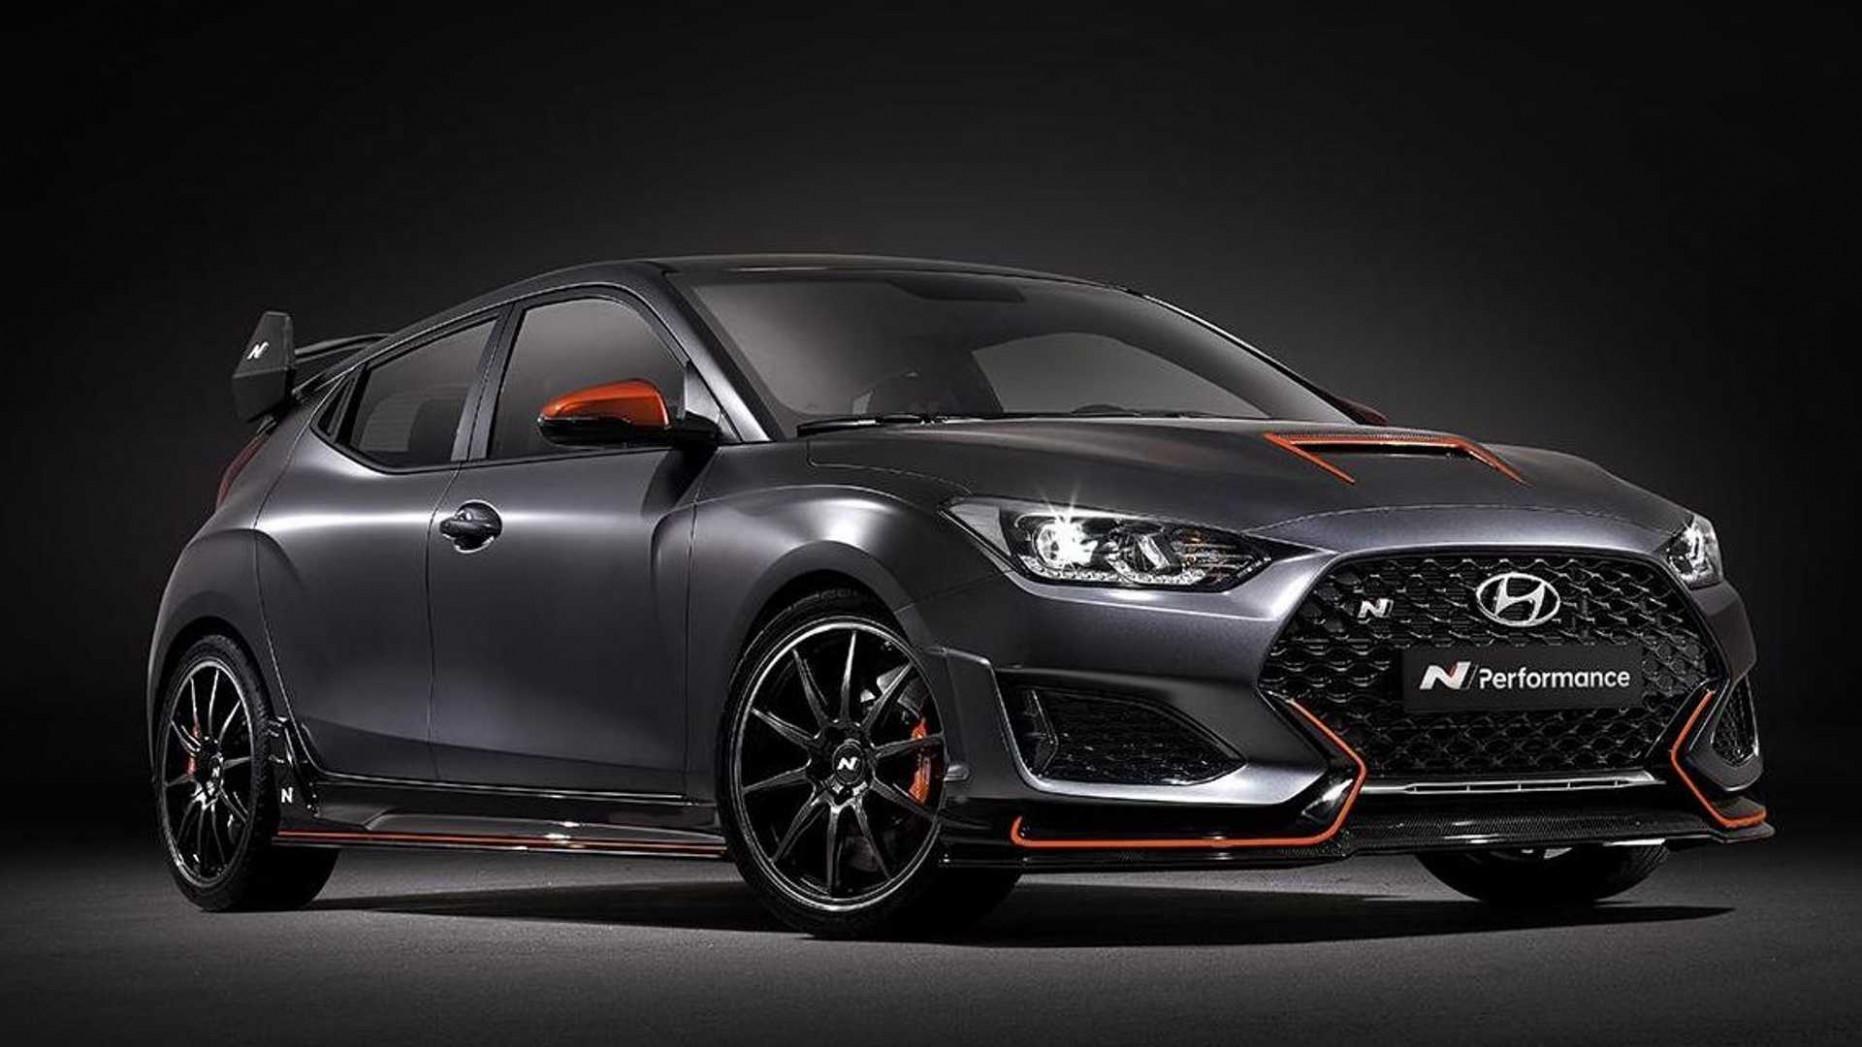 Rumors 2022 Hyundai Veloster